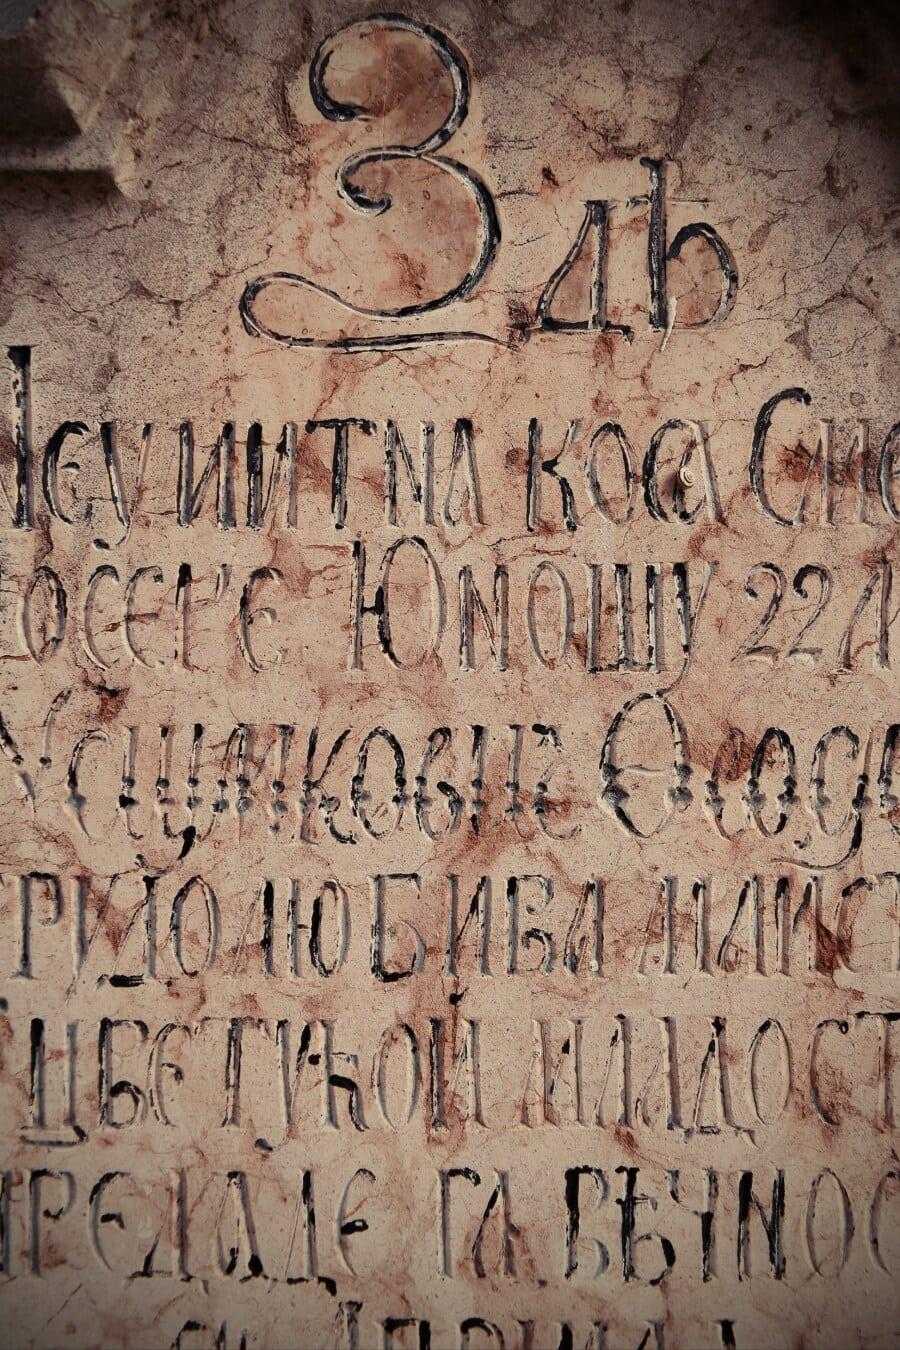 kyrillisk, Grekiska, alfabetet, text, tombstone, gravsten, grav, kyrkogården, övergiven, detalj